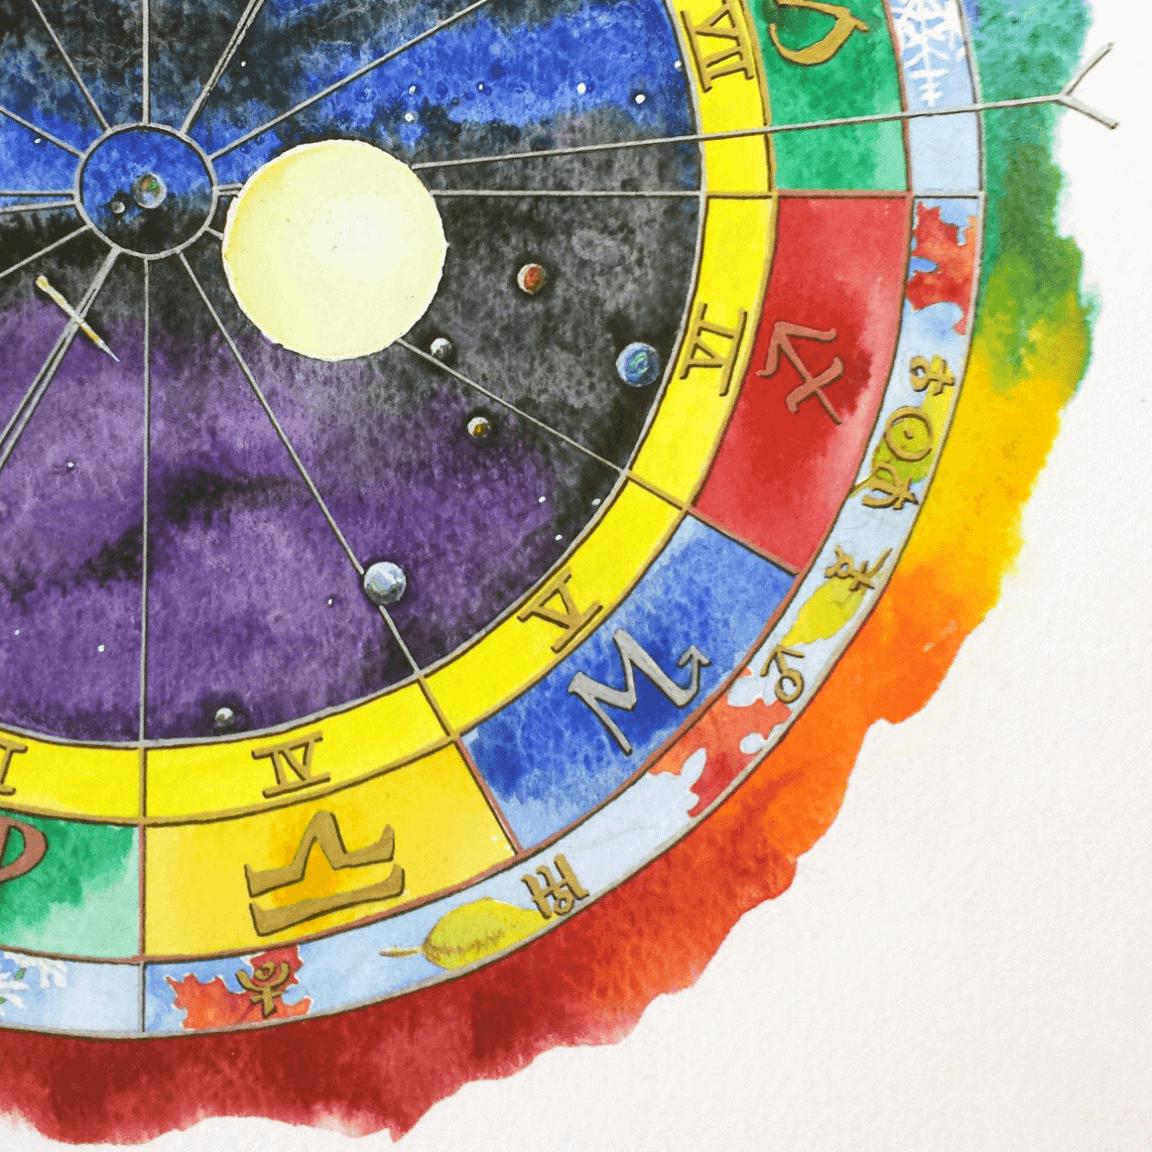 Astrološki dogadjaji 12.11.2017.